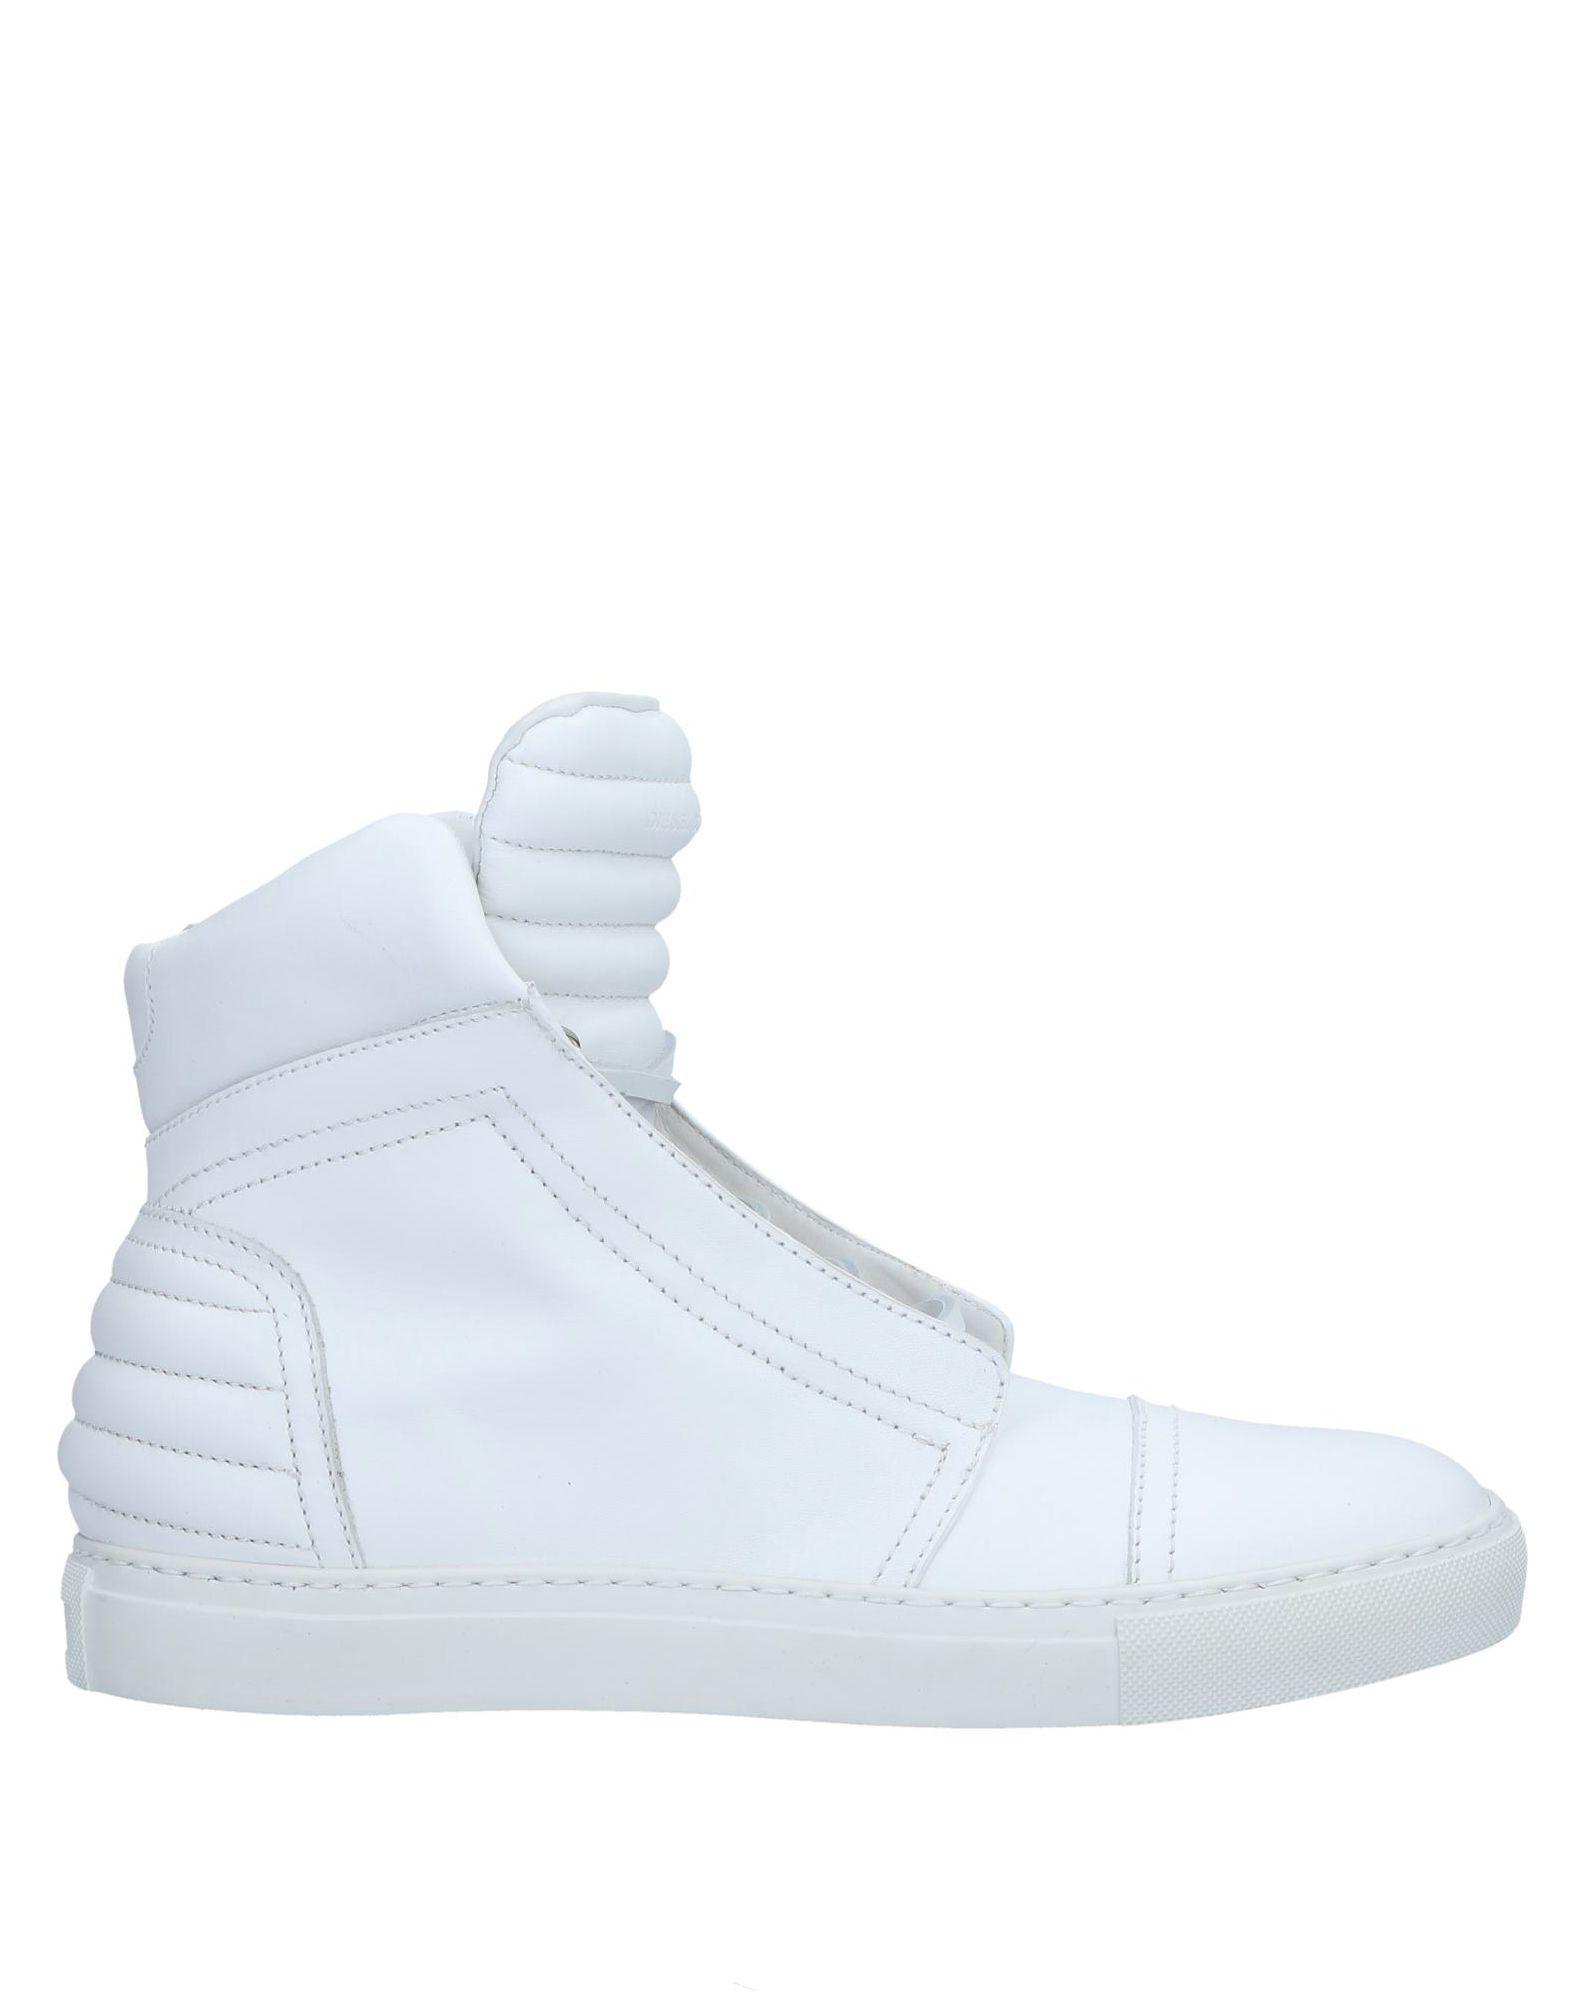 Diesel Black Gold Sneakers In White